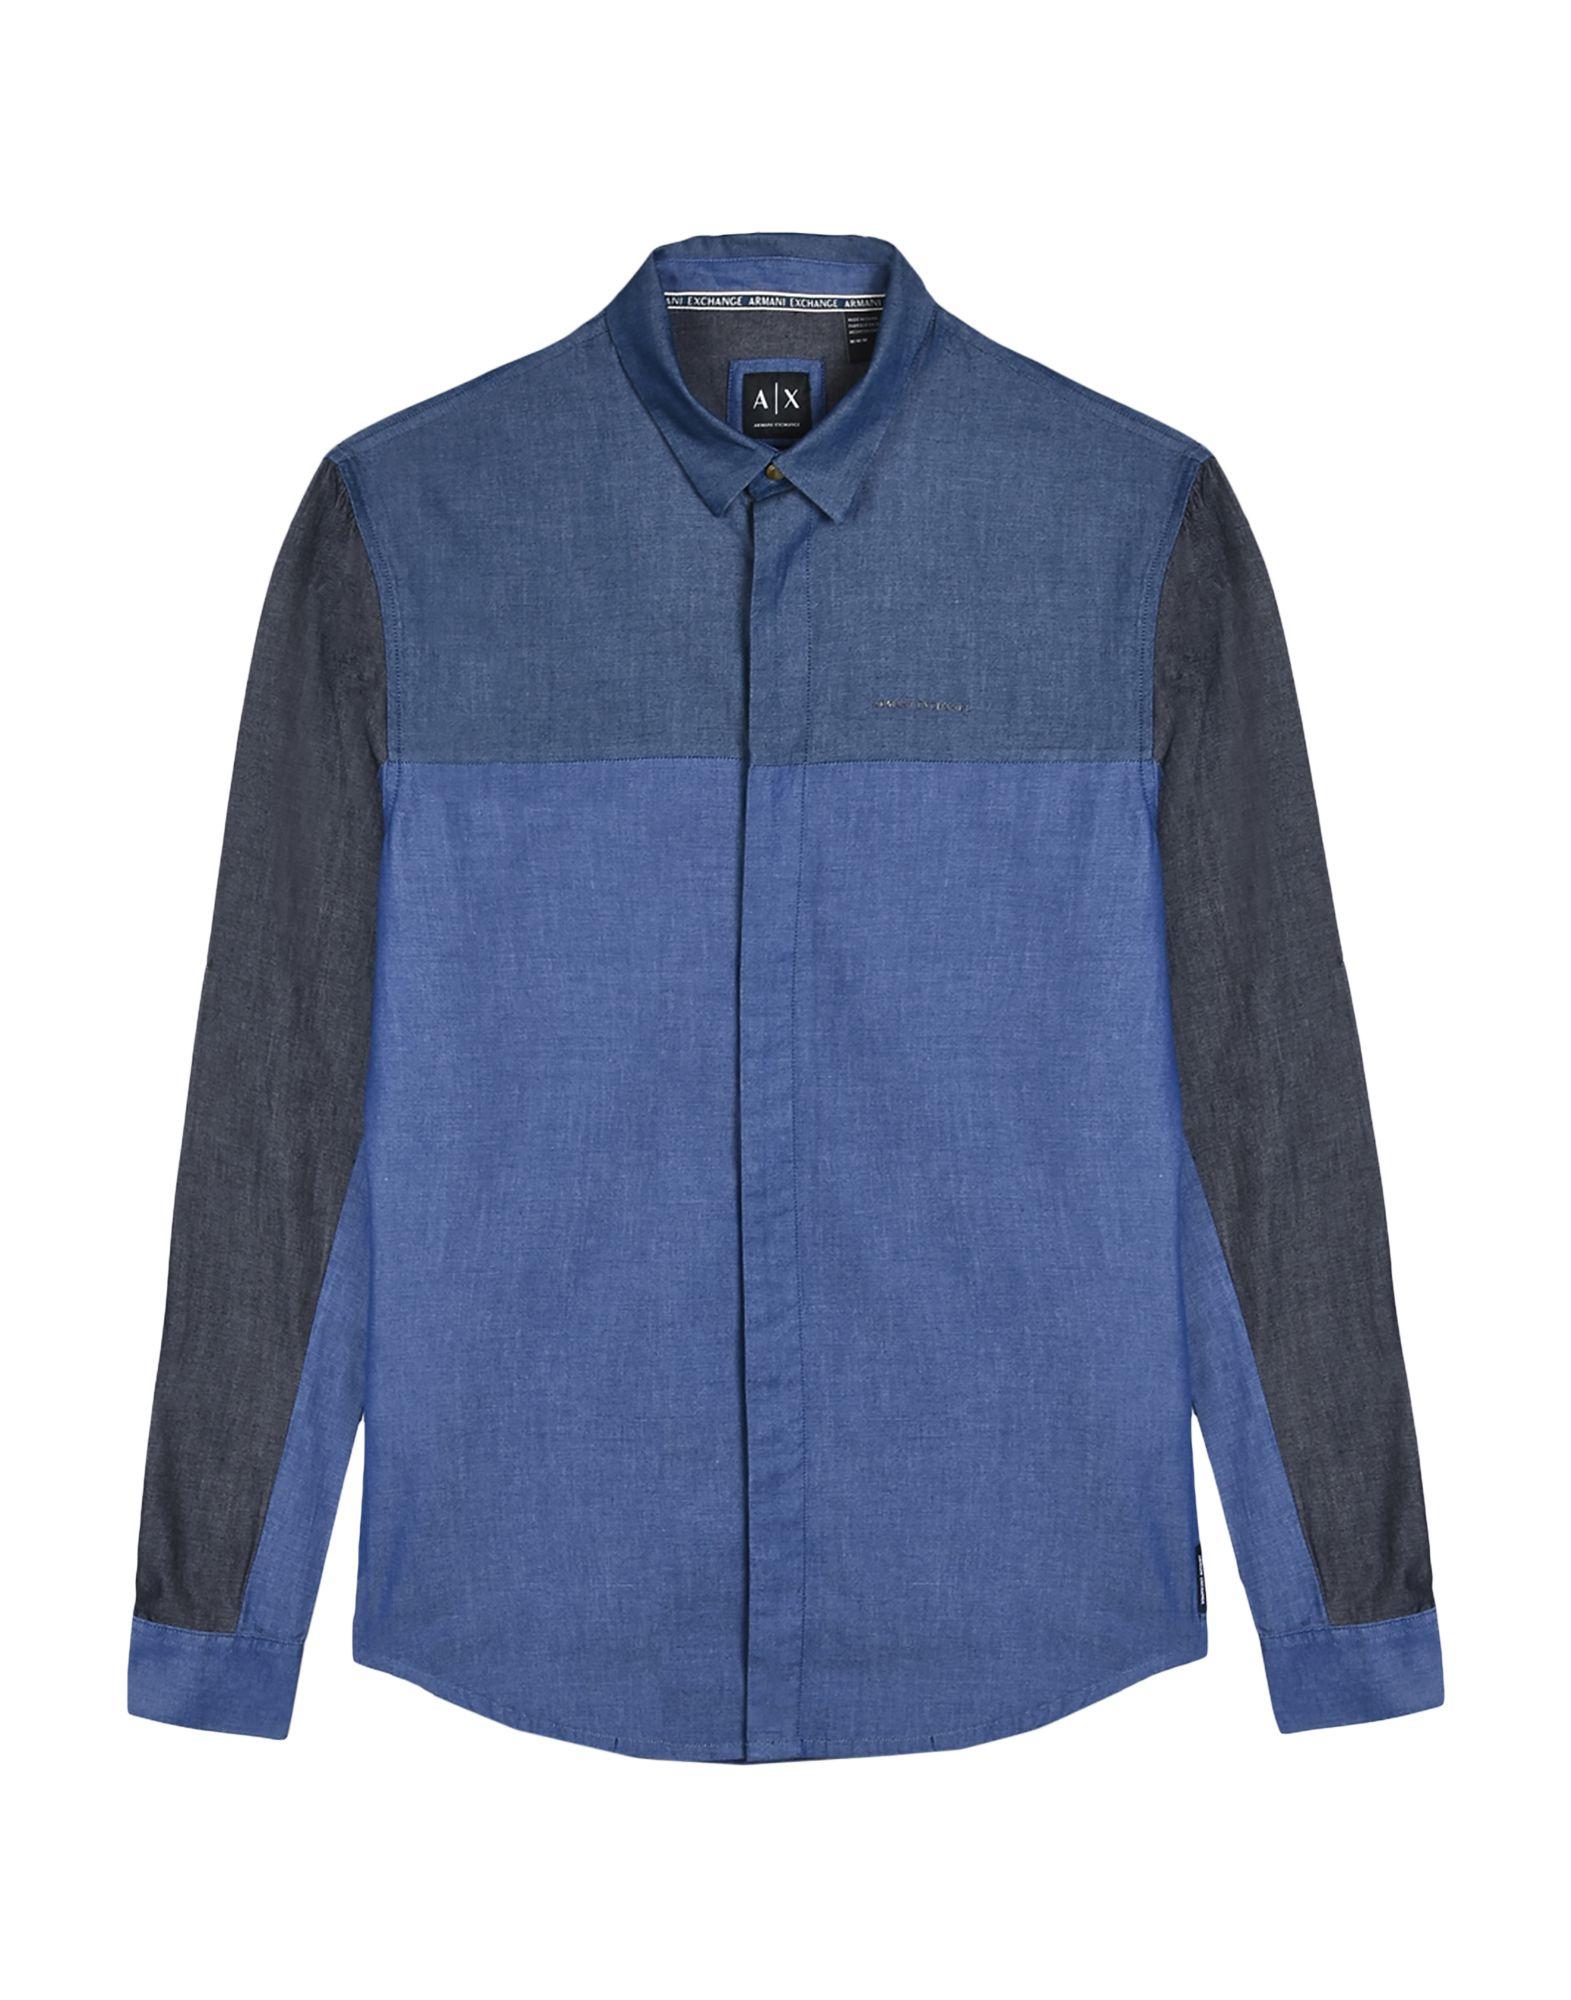 ARMANI EXCHANGE Джинсовая рубашка